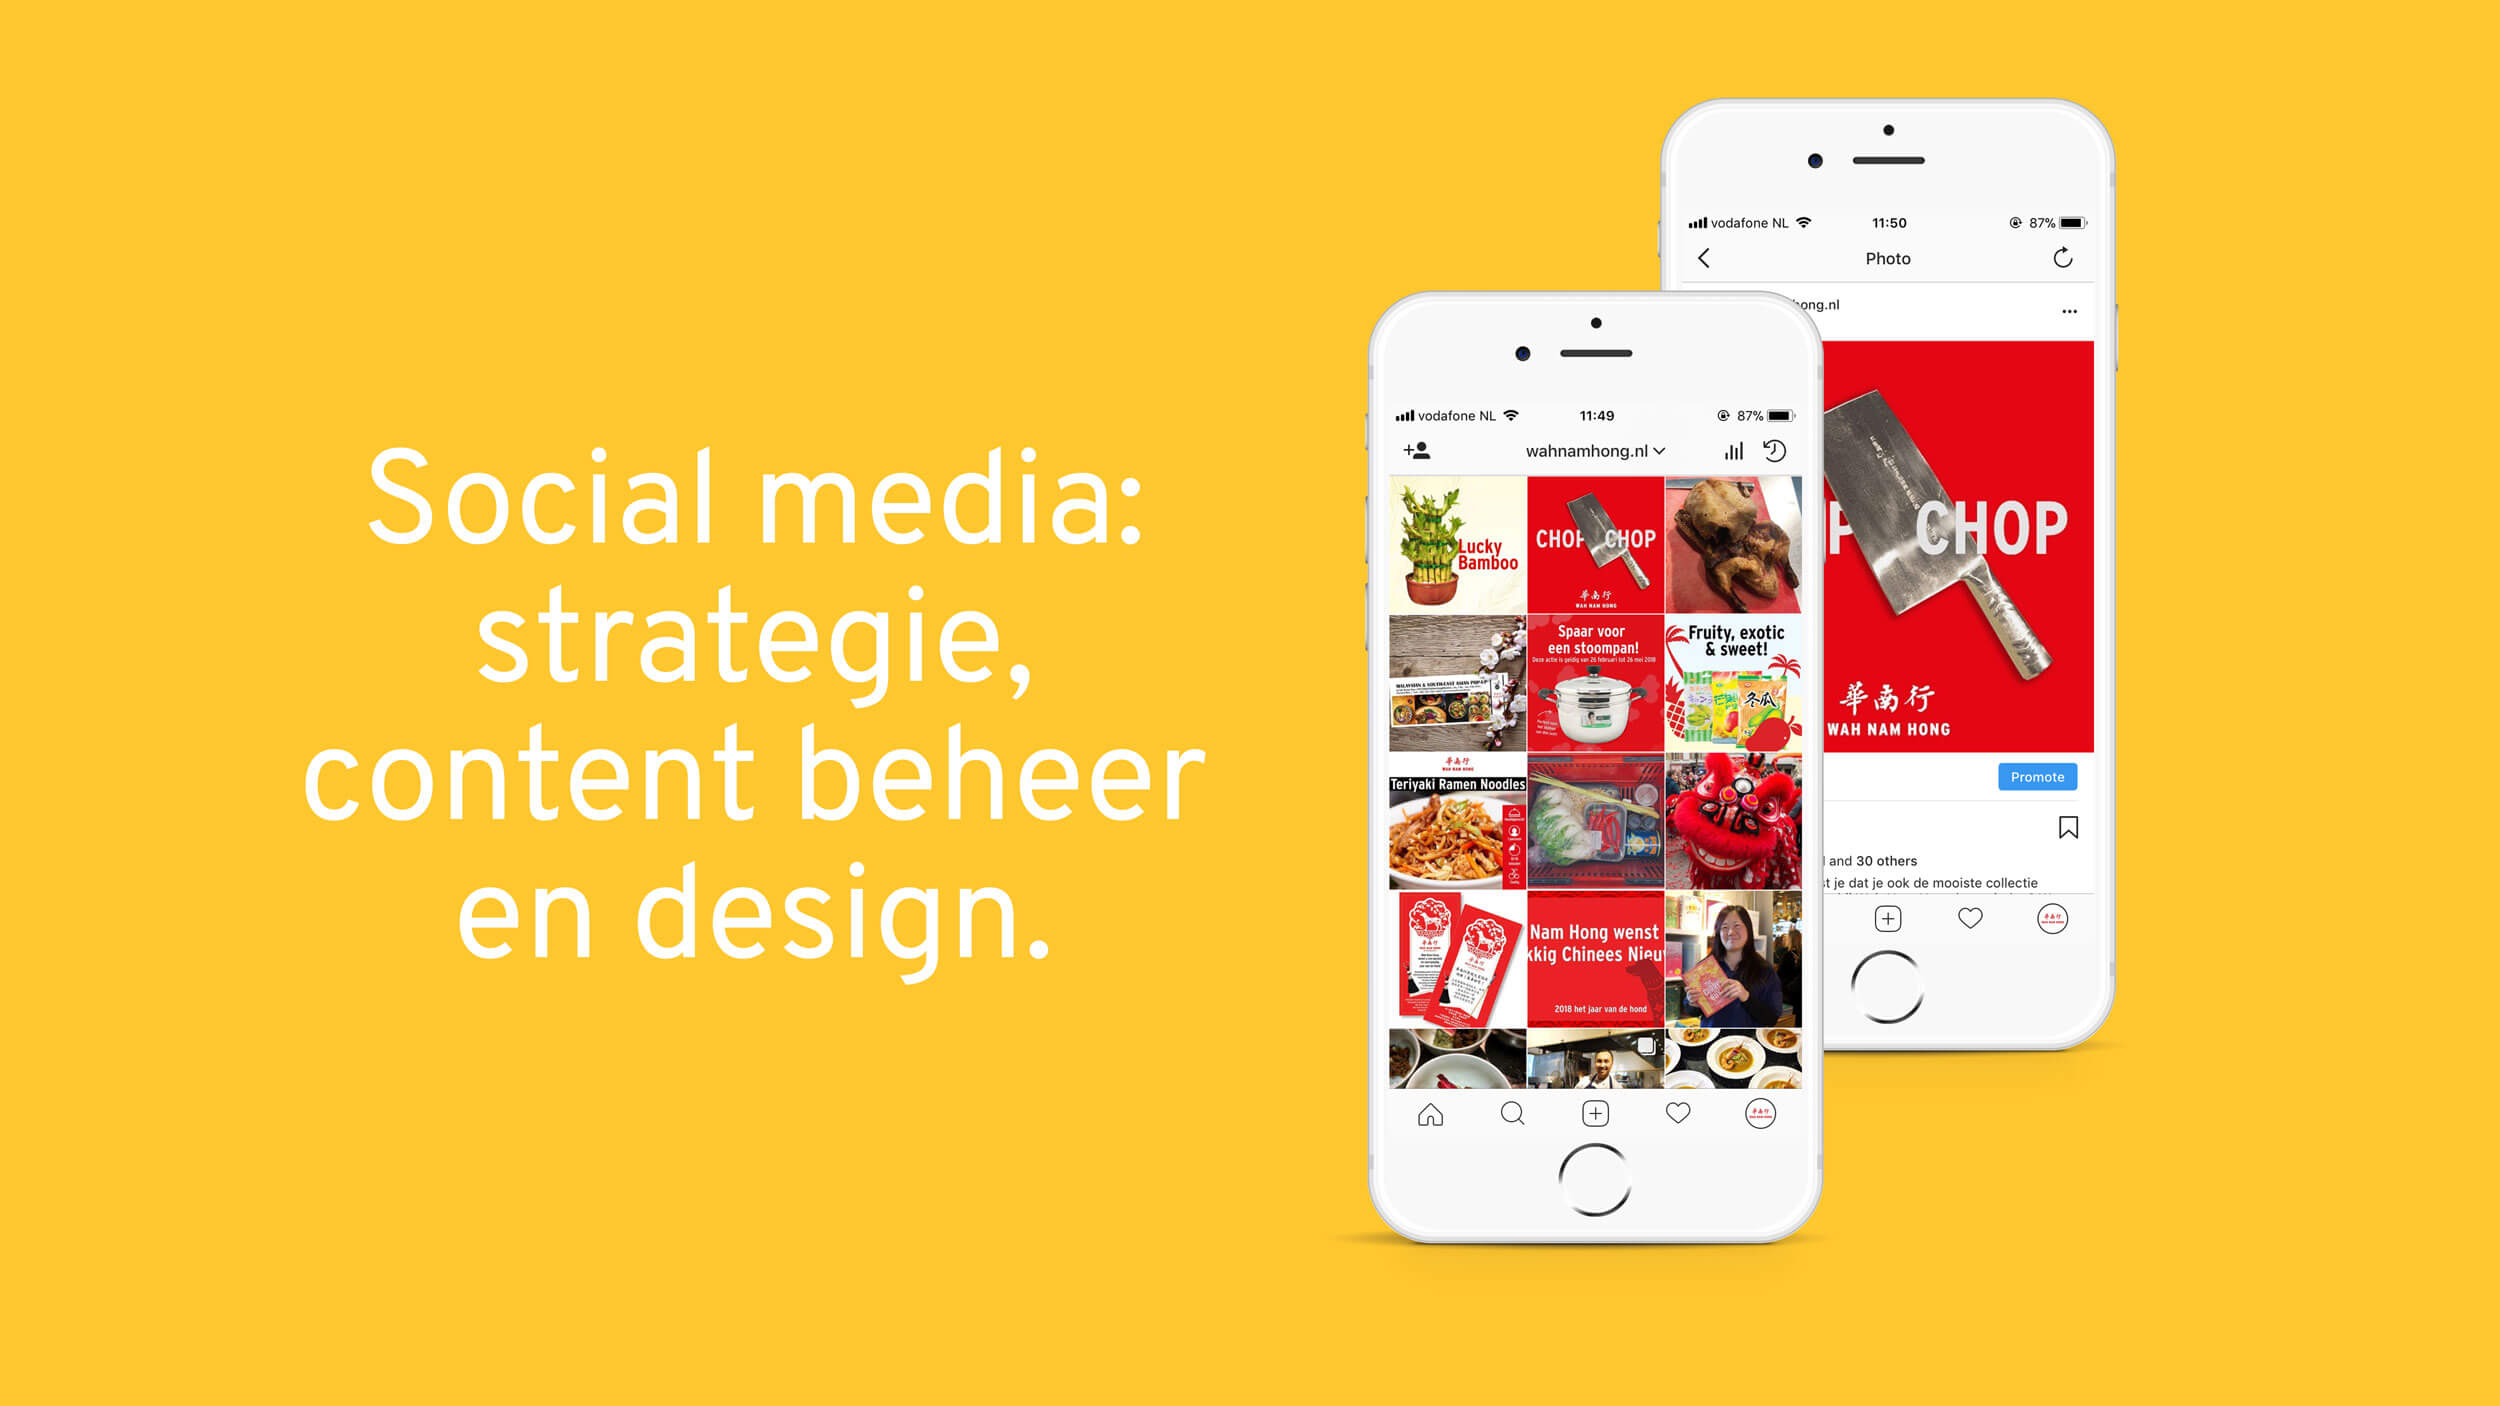 Wah Nam Hong, social media, Mixus studio